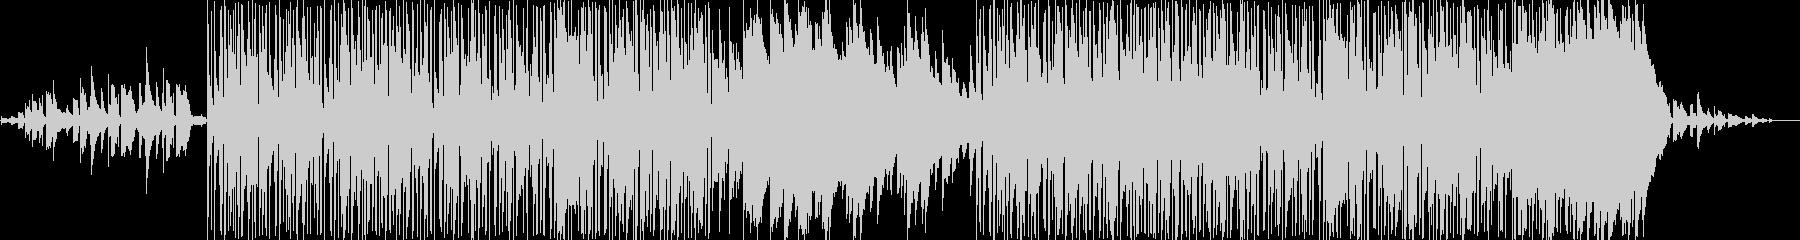 エレクトロニック サスペンス 静か...の未再生の波形